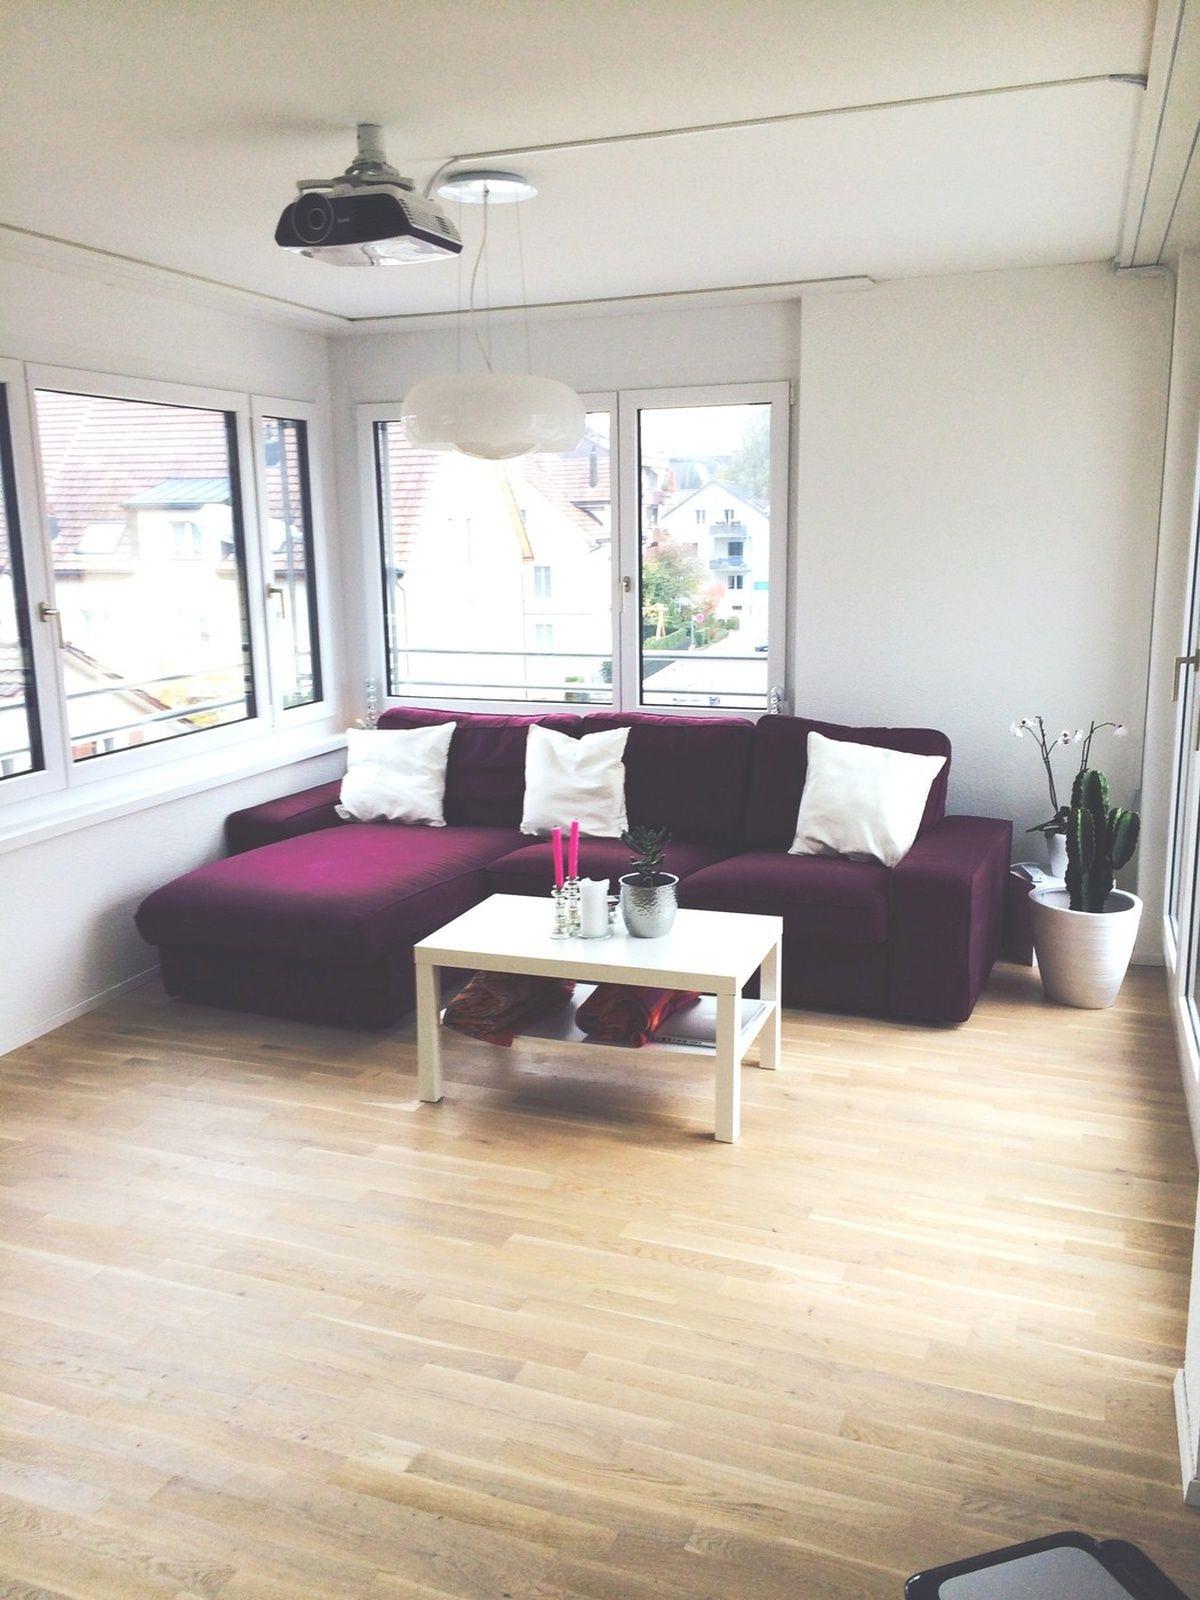 Traumhafte 4 Zimmer Wohnung In Stafa Wohnung 4 Zimmer Wohnung